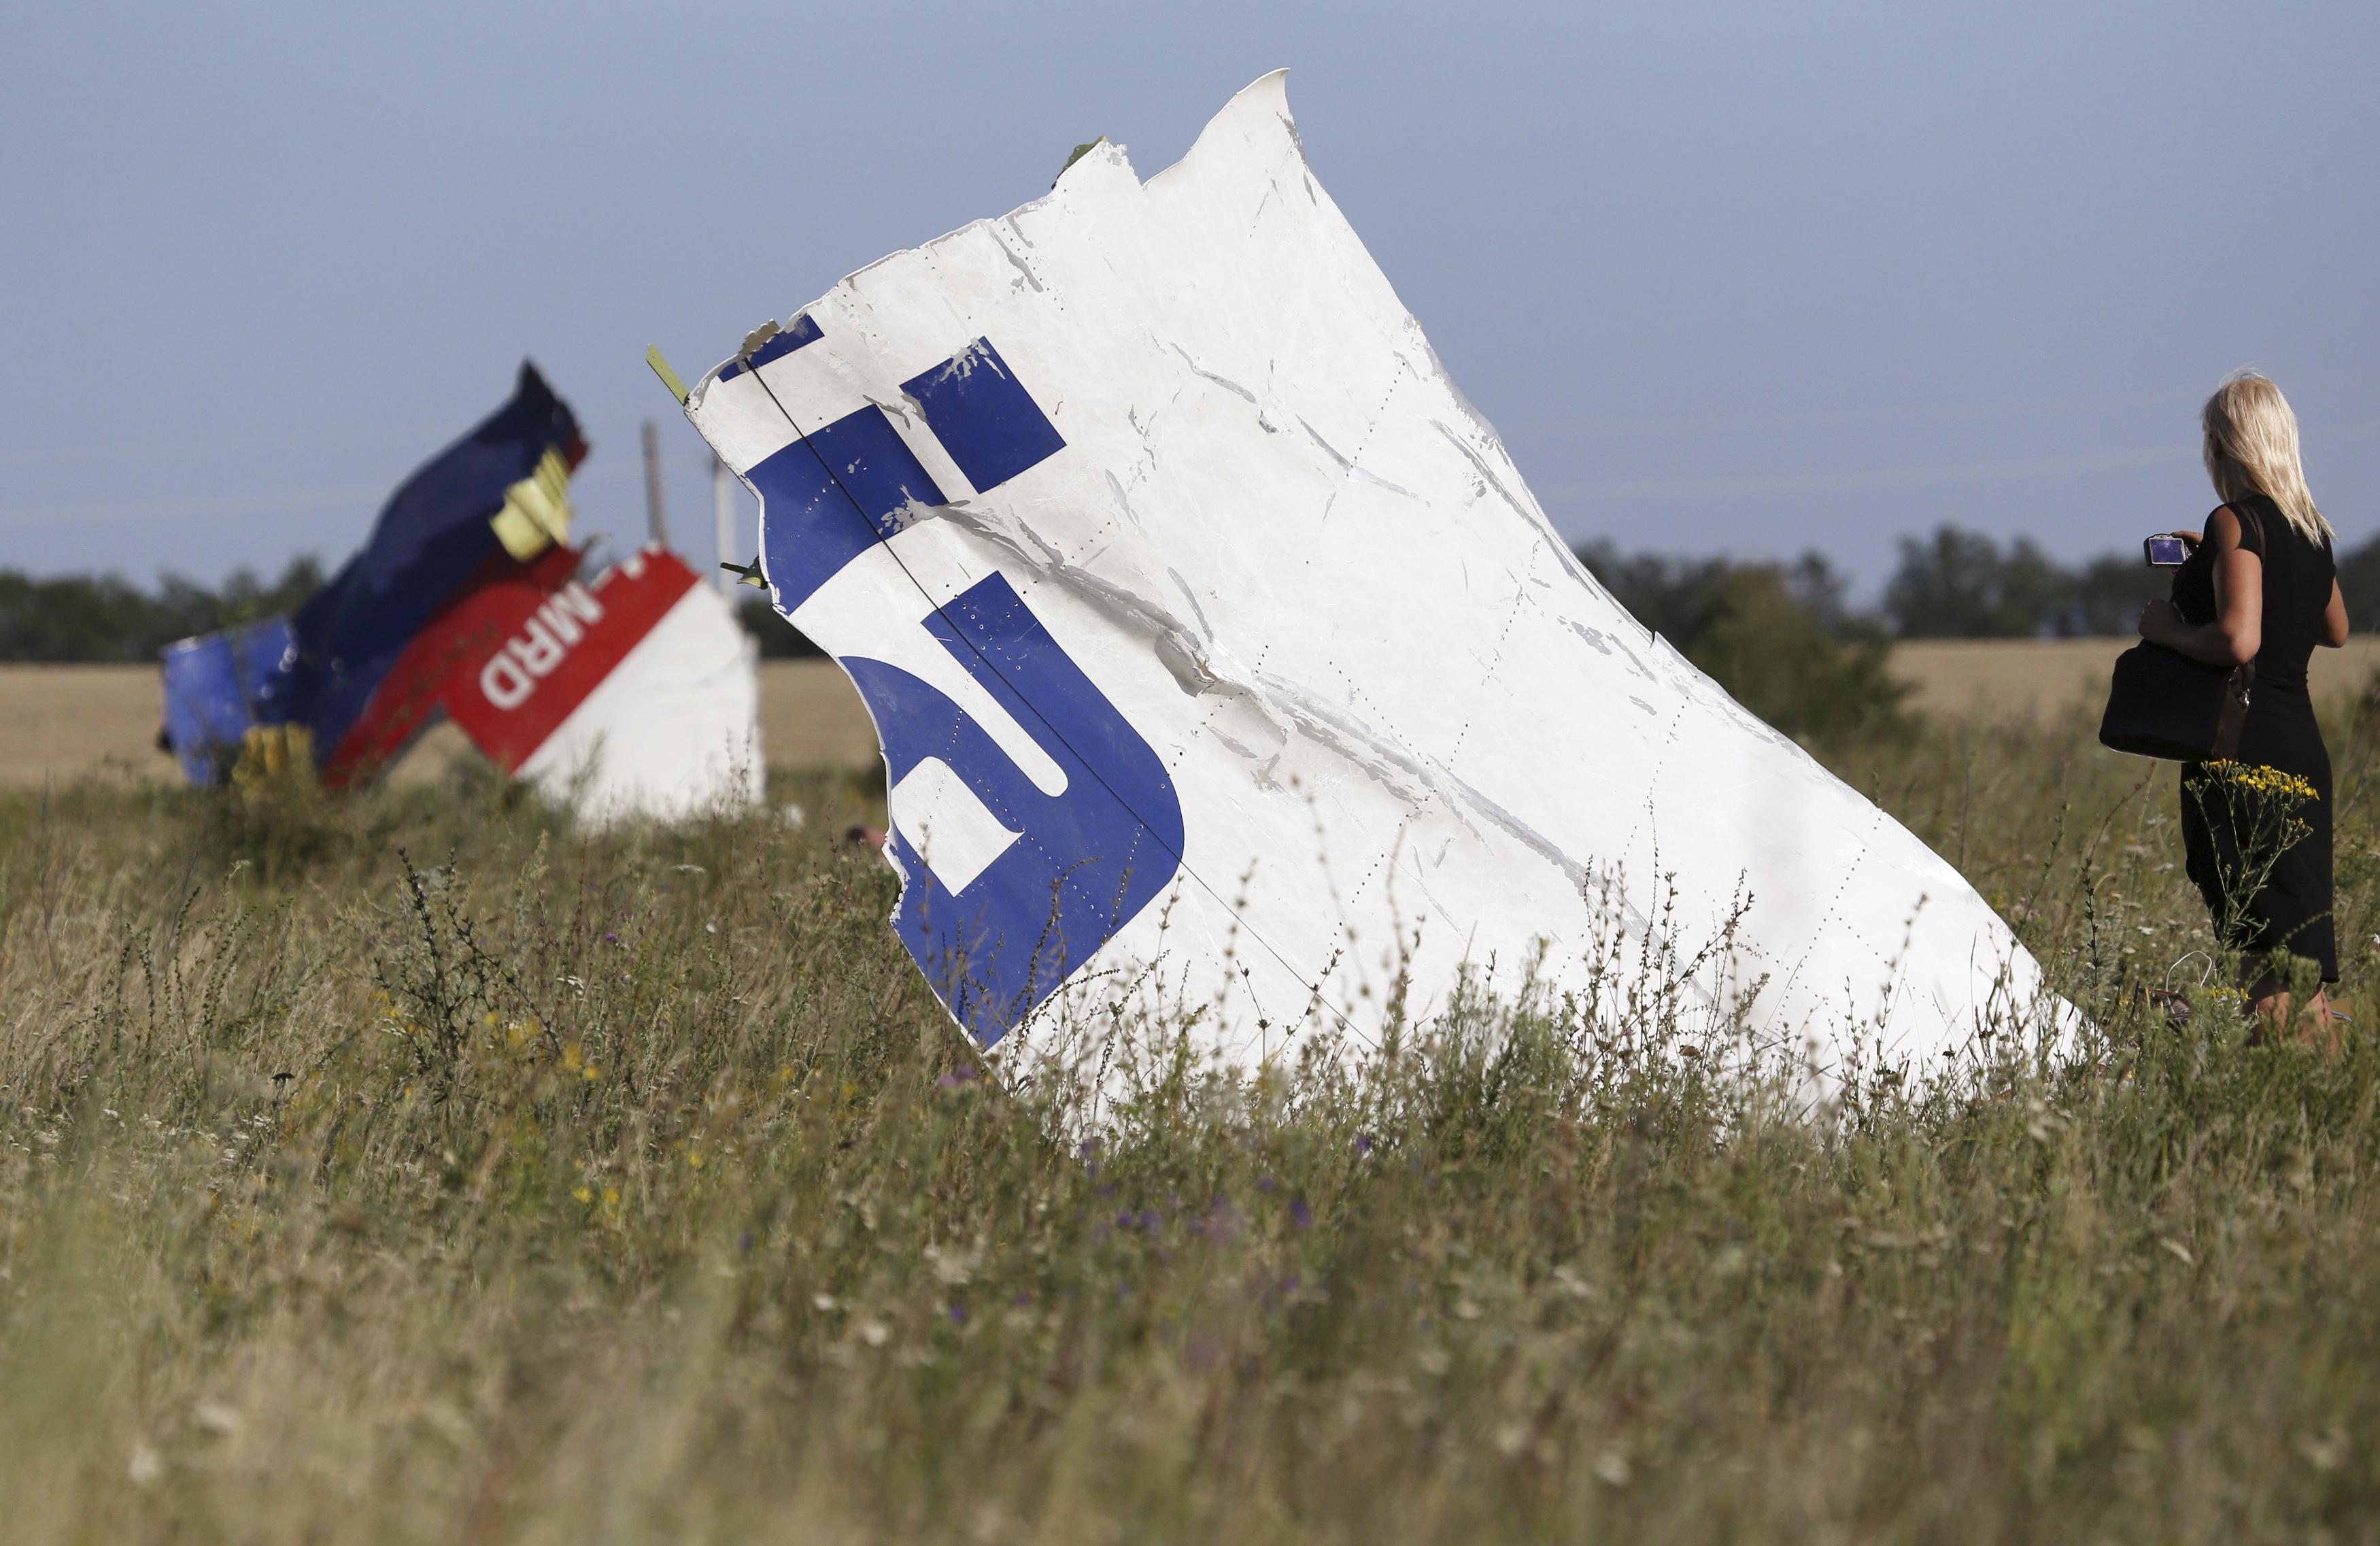 Според мнението на някои експерти протича политизиране на въпроса за разследването на гибелта на полет МН-117.